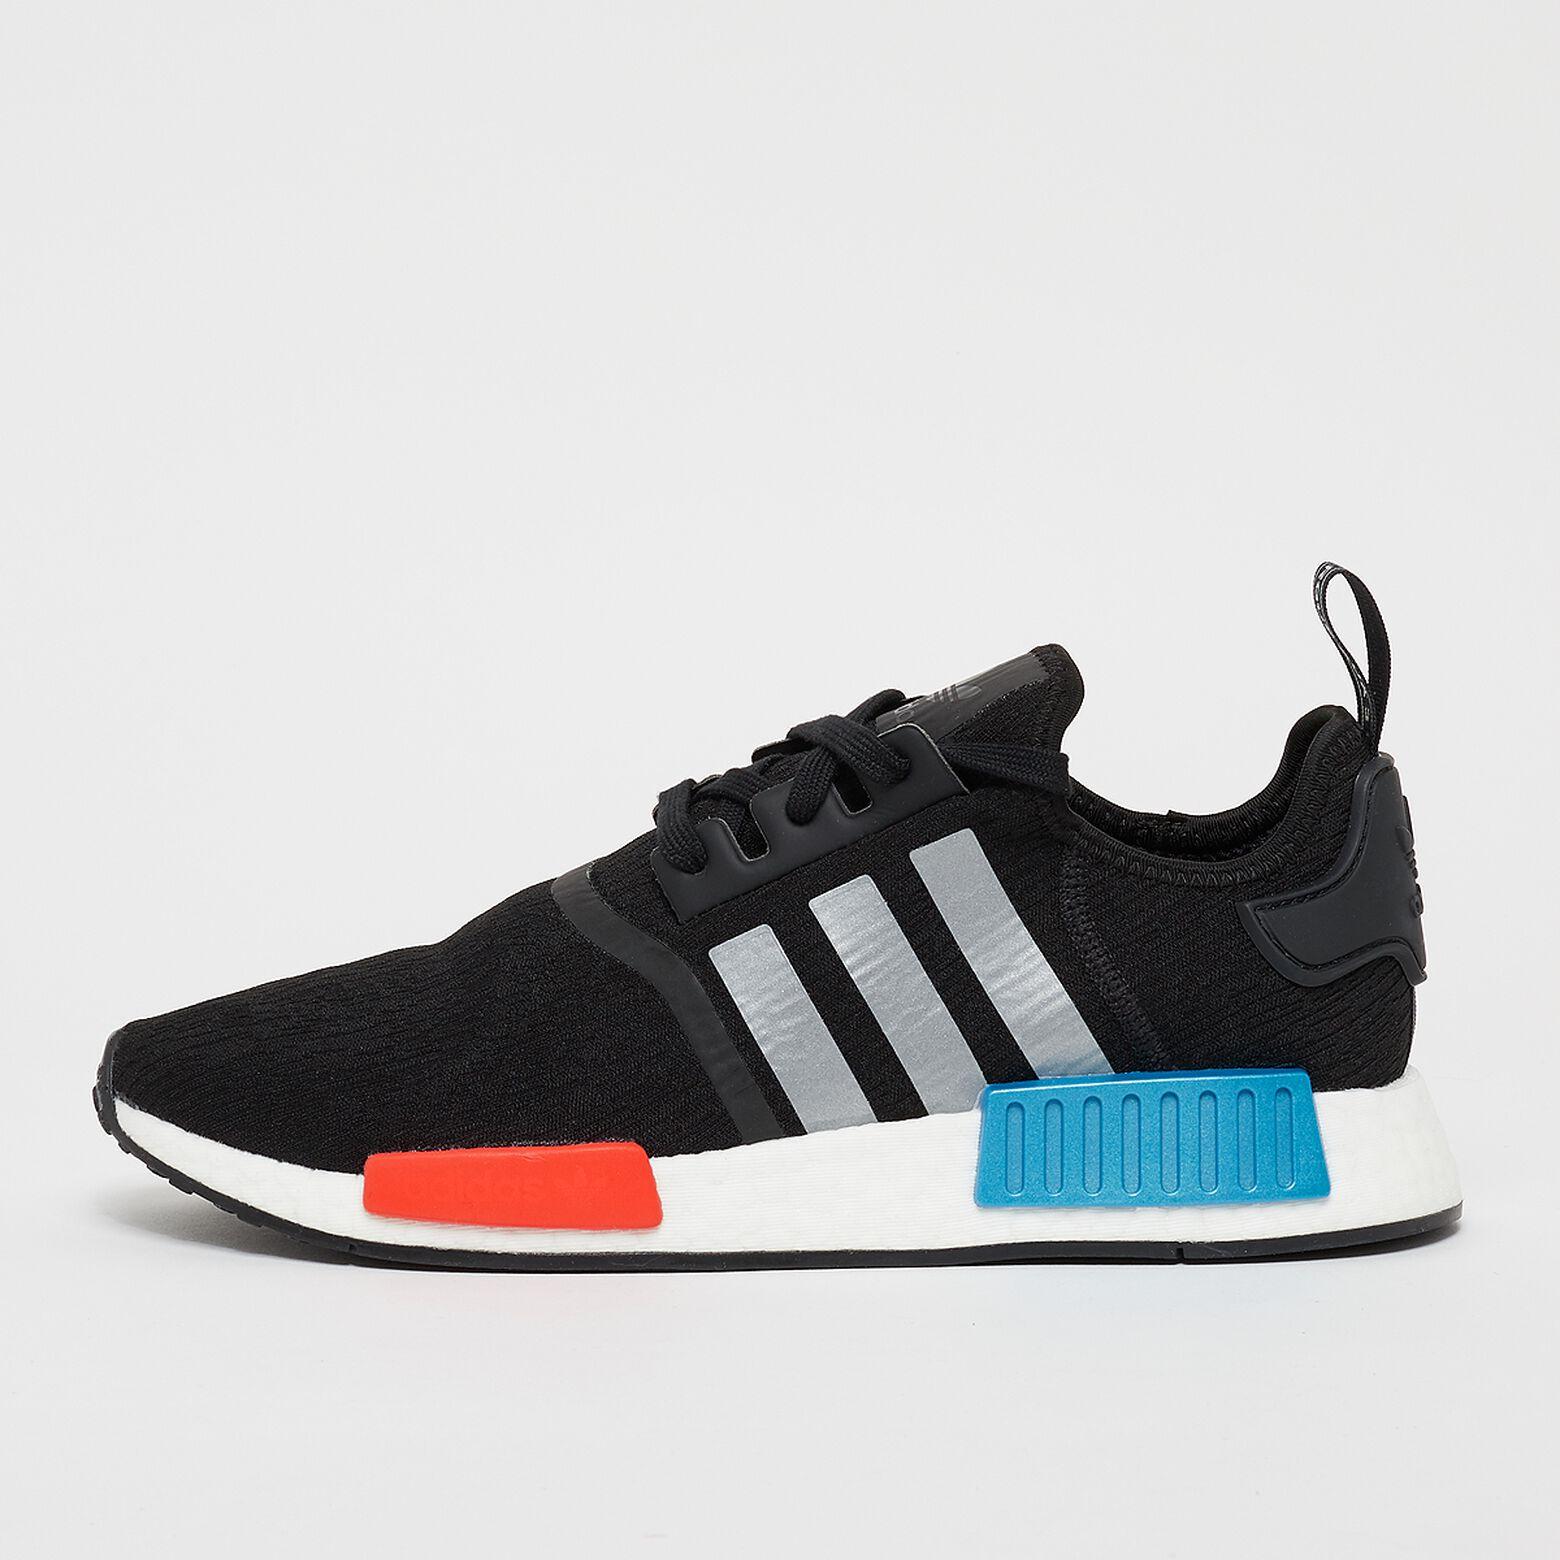 SNIPES 20% Extra auf Sale Schuhe Bekleidung und Accessoires z.B. Adidas NMD R1 nur 80€ oder Vans Sk8 High MTE 2.0 DX nur 51,99€